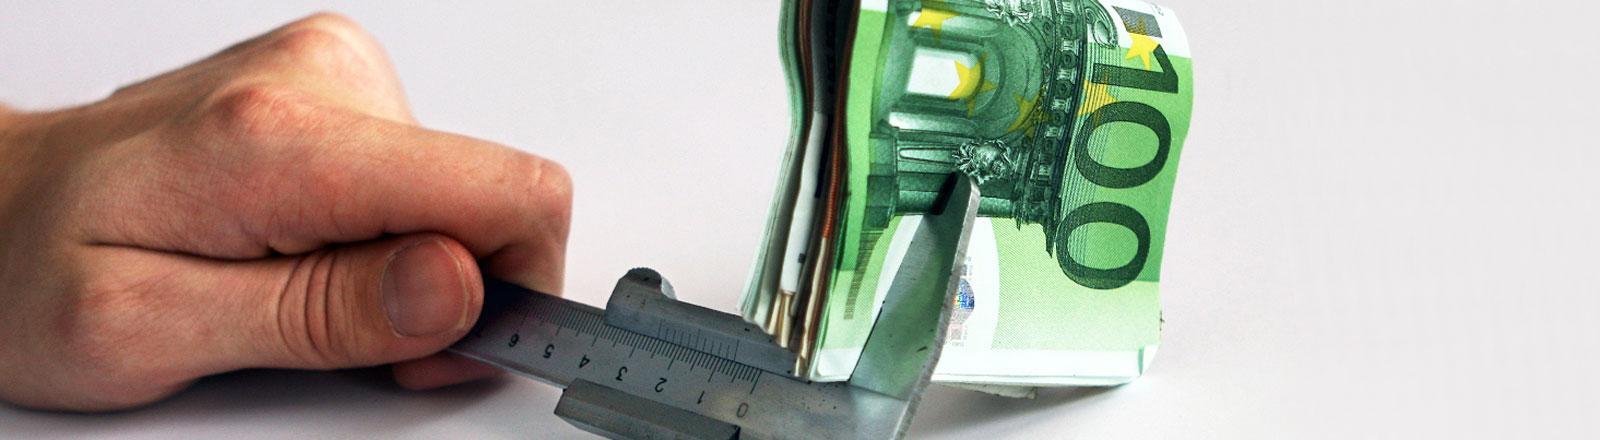 100€-Geldschein wird vermessen